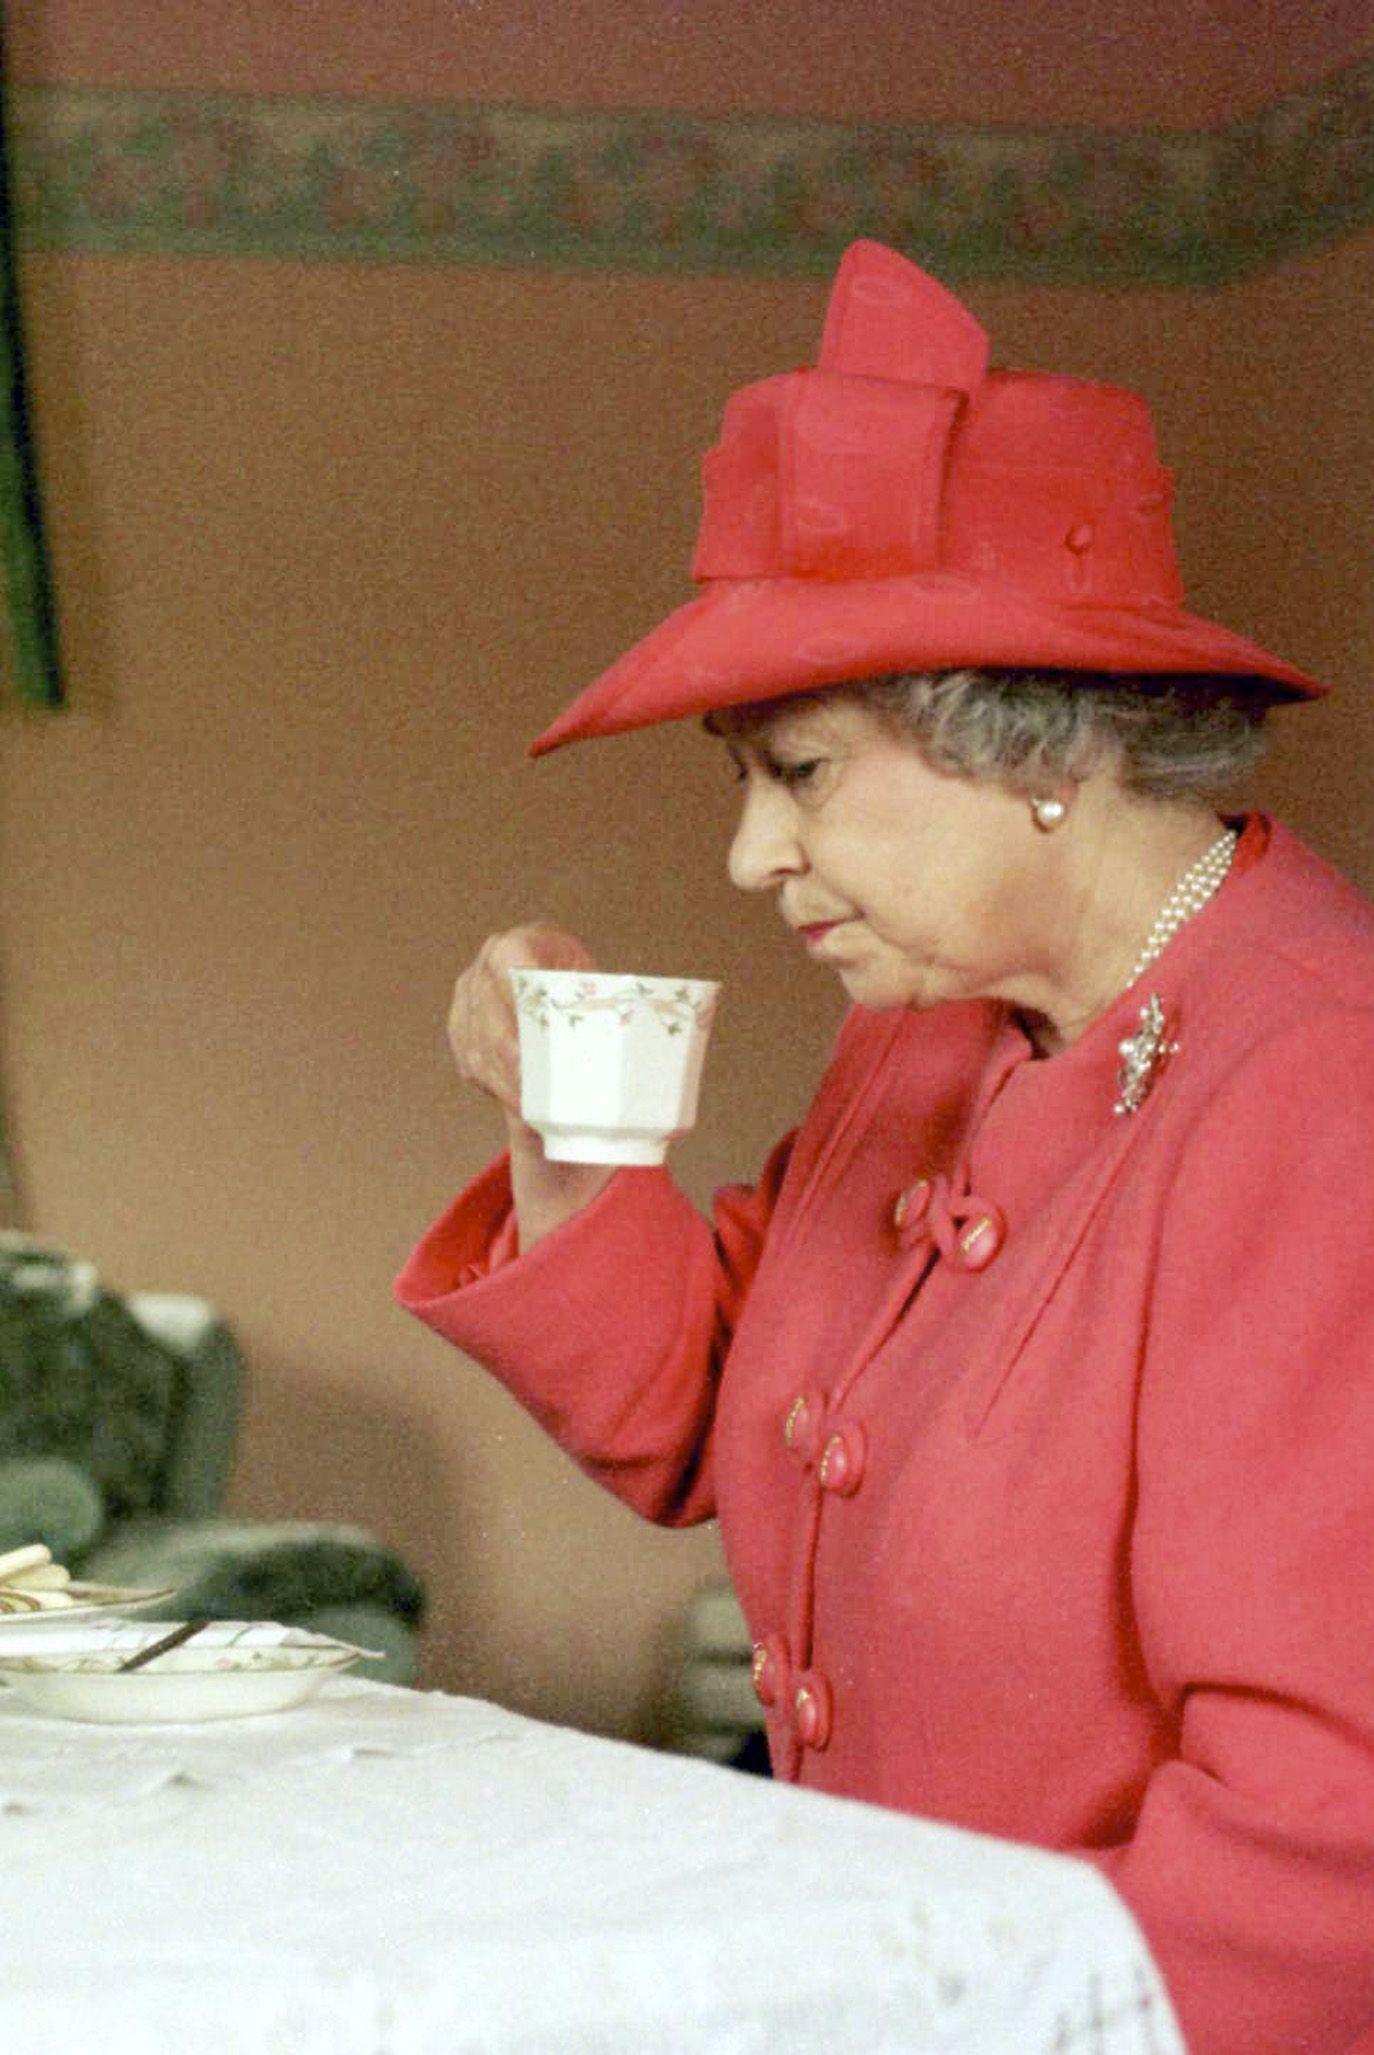 GBR: Queen Elizabeth II visits the area of Castlemilk in Glasgow